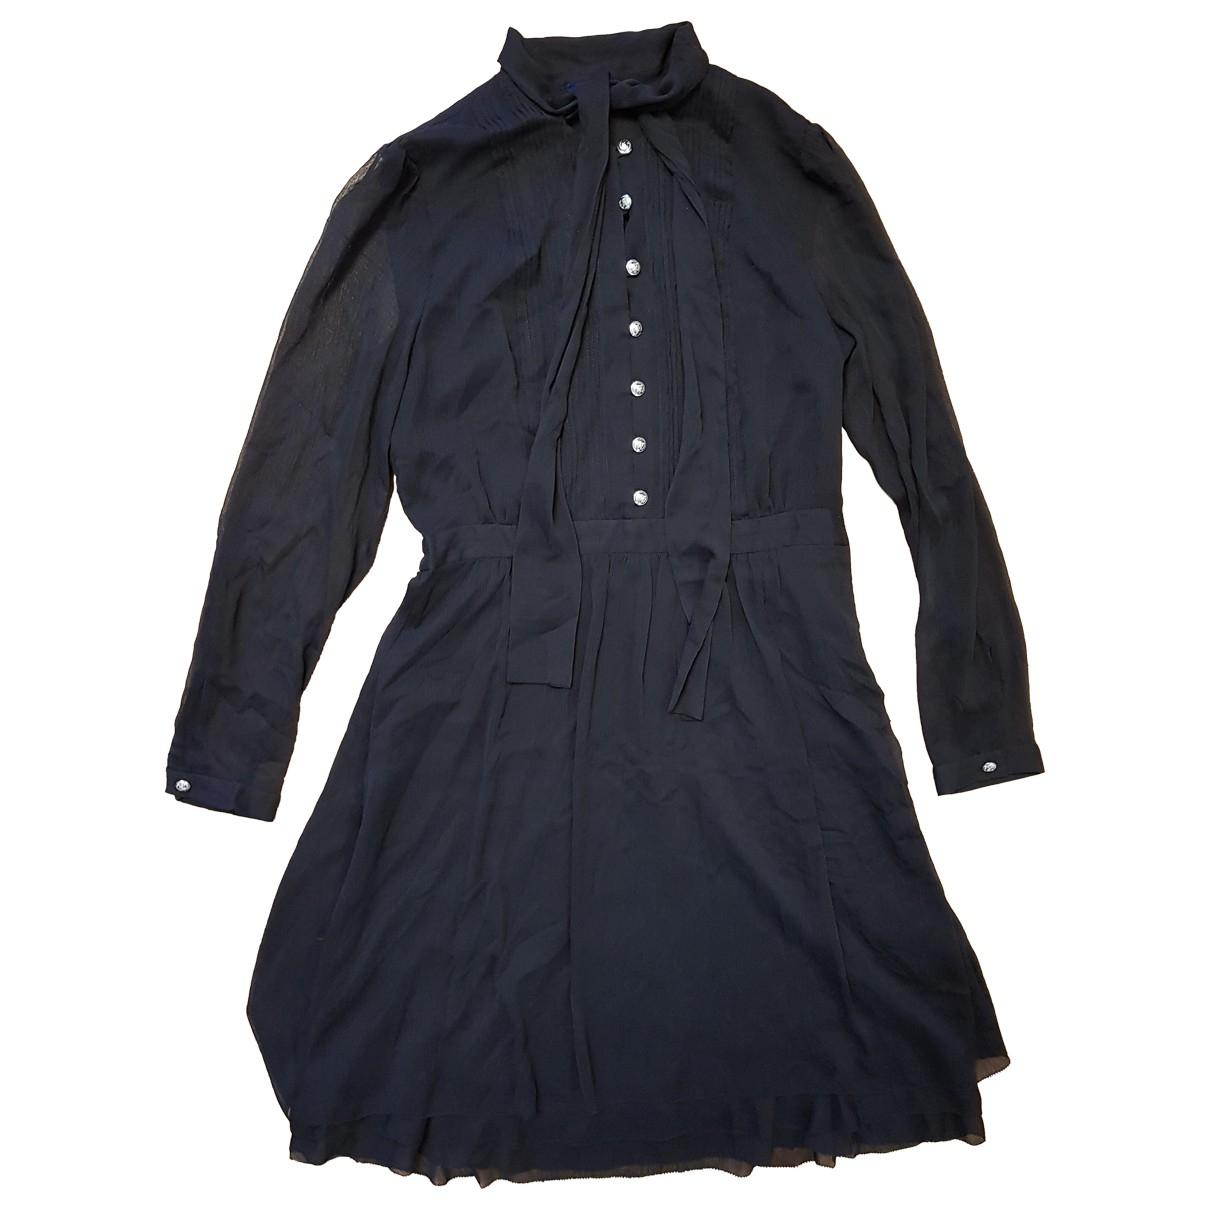 Tommy Hilfiger \N Black dress for Women 6 US